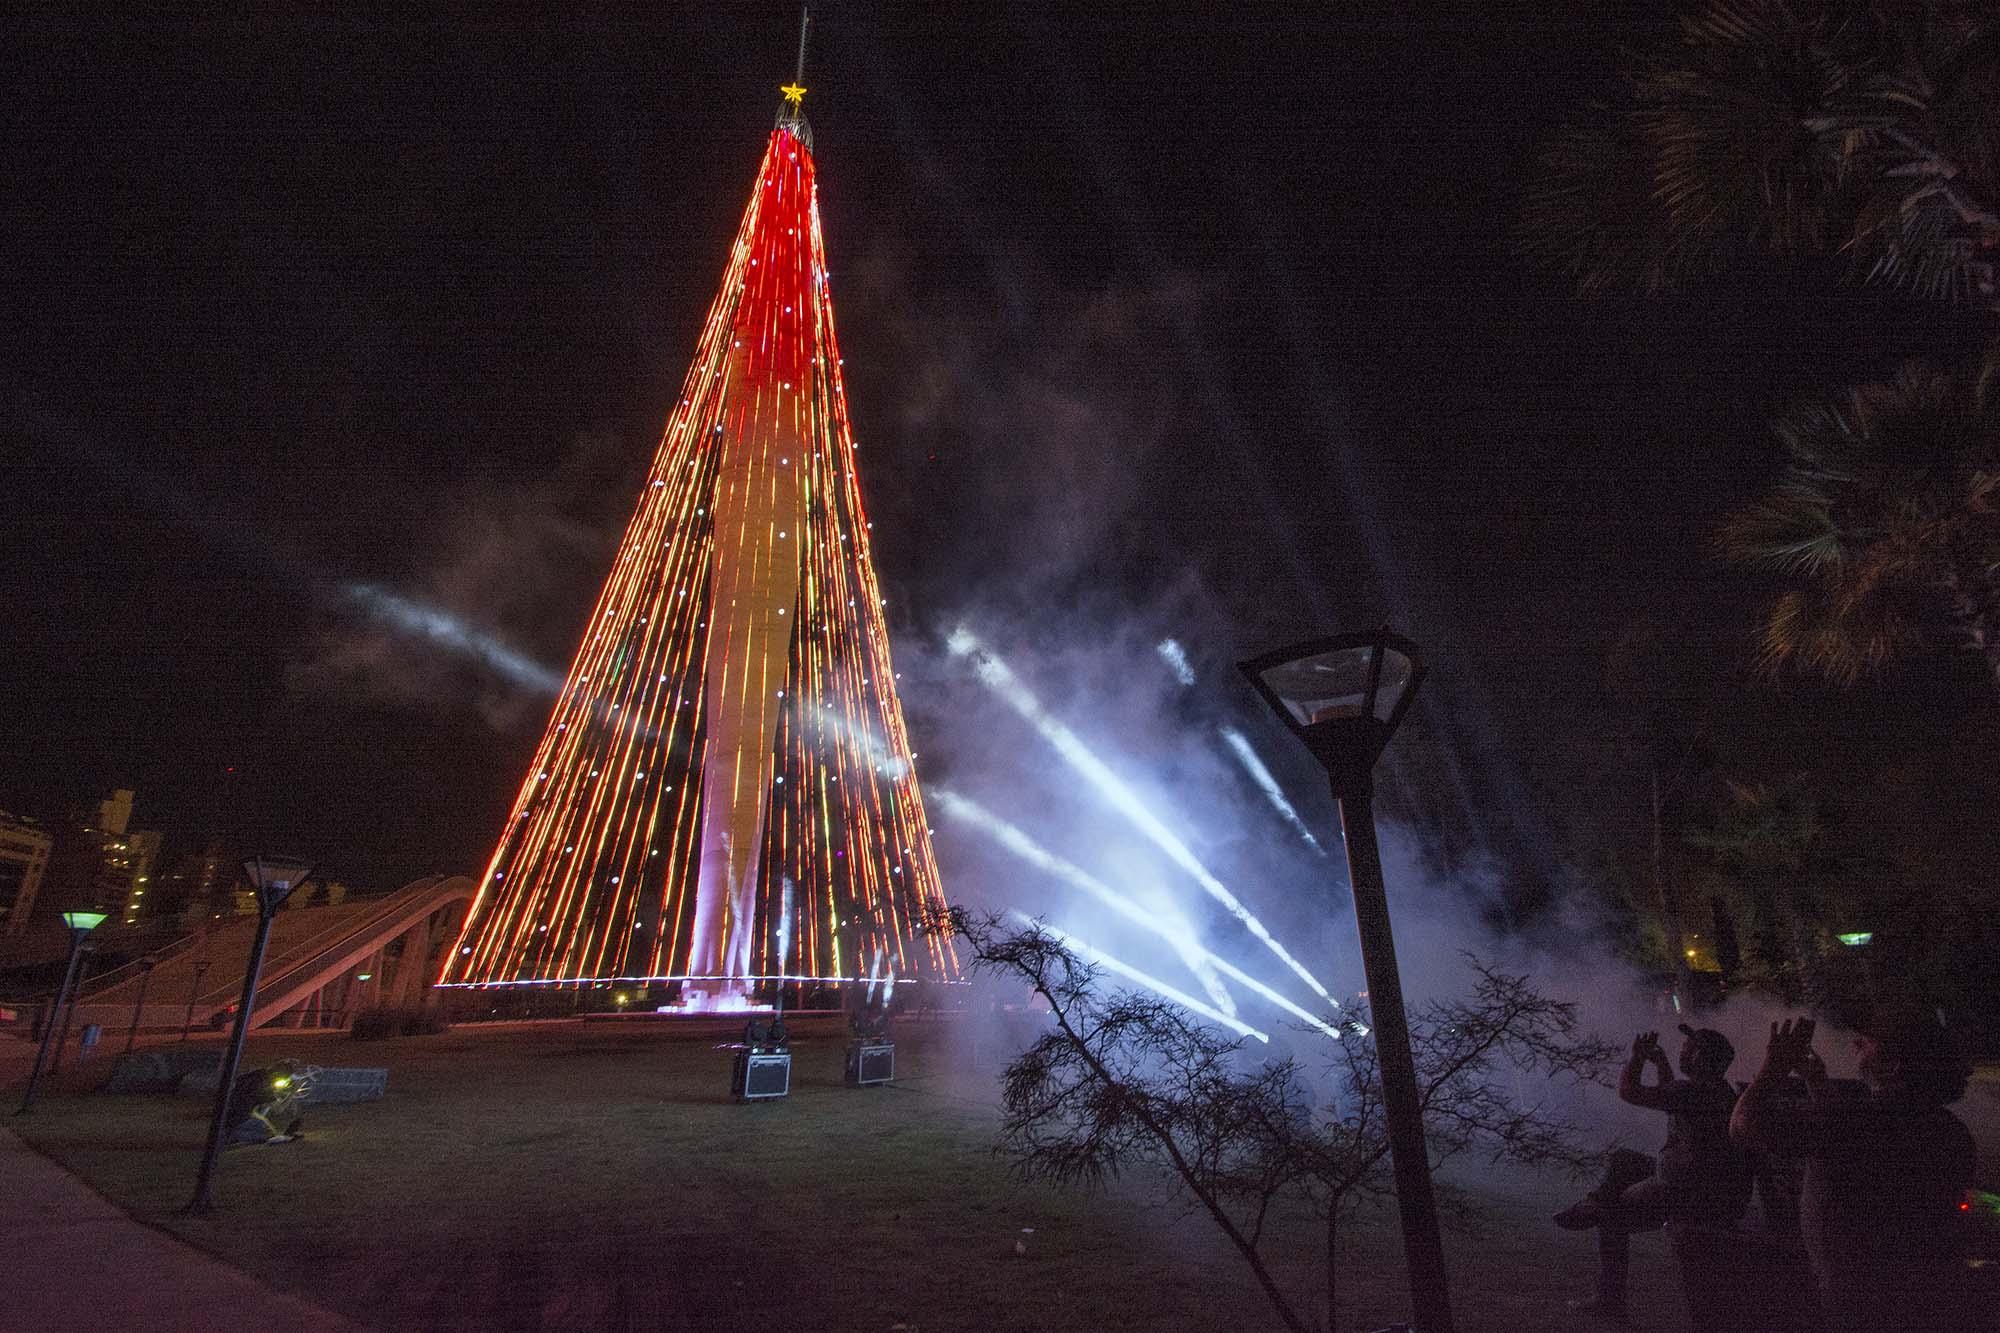 con un gran concierto del coro de de nios cantores se encender en conmemoracin a la celebracin cristiana por el da de la virgen el rbol de navidad - Imagenes Arbol De Navidad